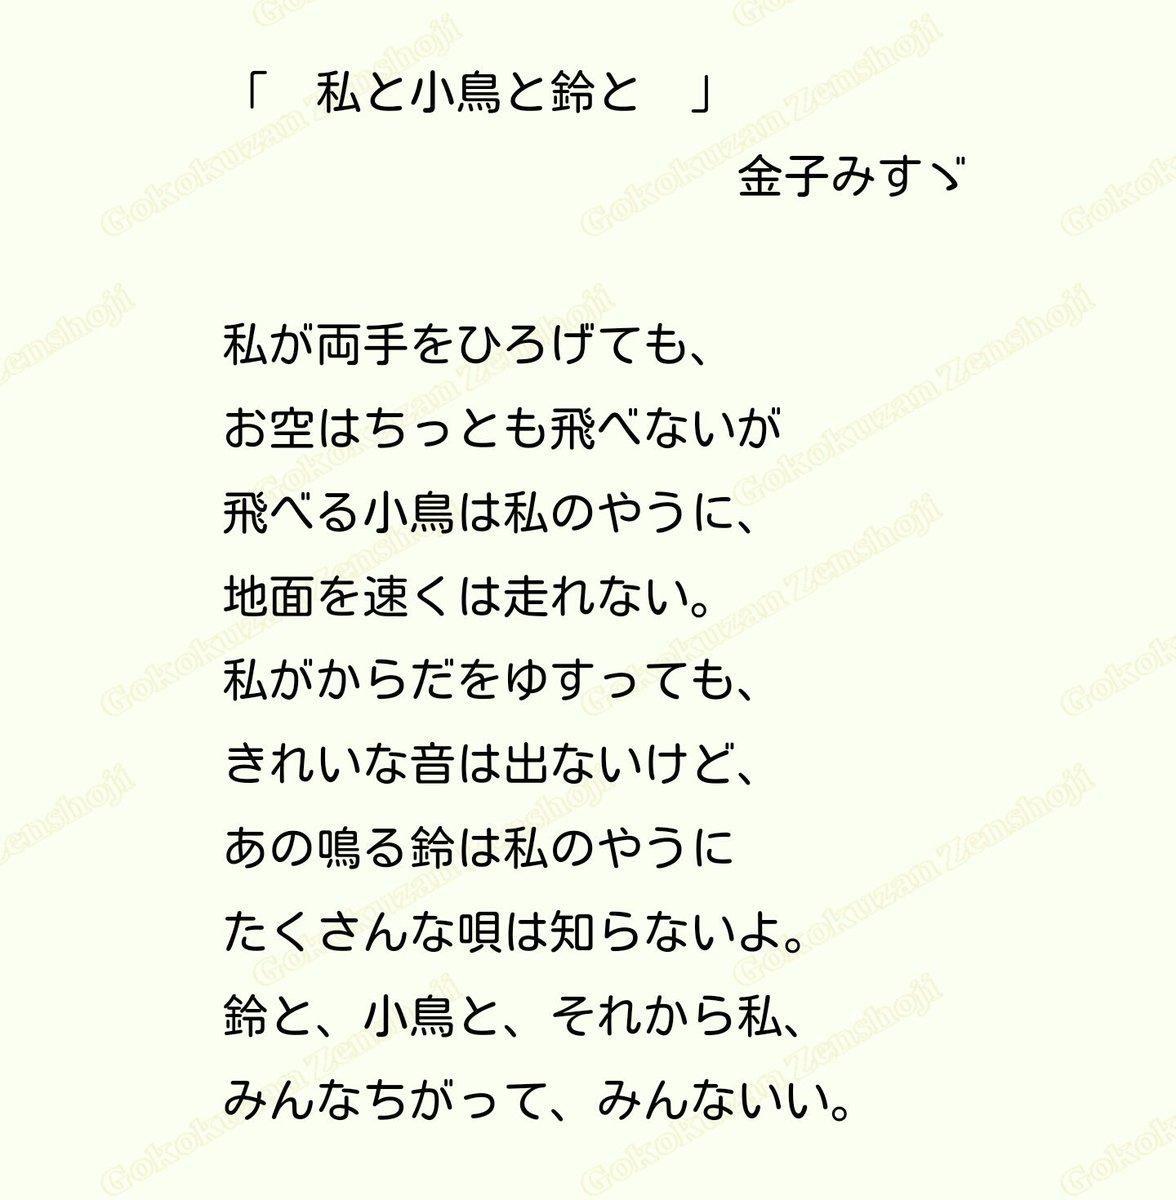 「へーきへーき!フレンズによって得意なこと違うから!」を大正~昭和初期に既に唱えていた金子みすゞ、先見の明がありすぎるというか日本人が気付くのにここまで時間がかかったというか